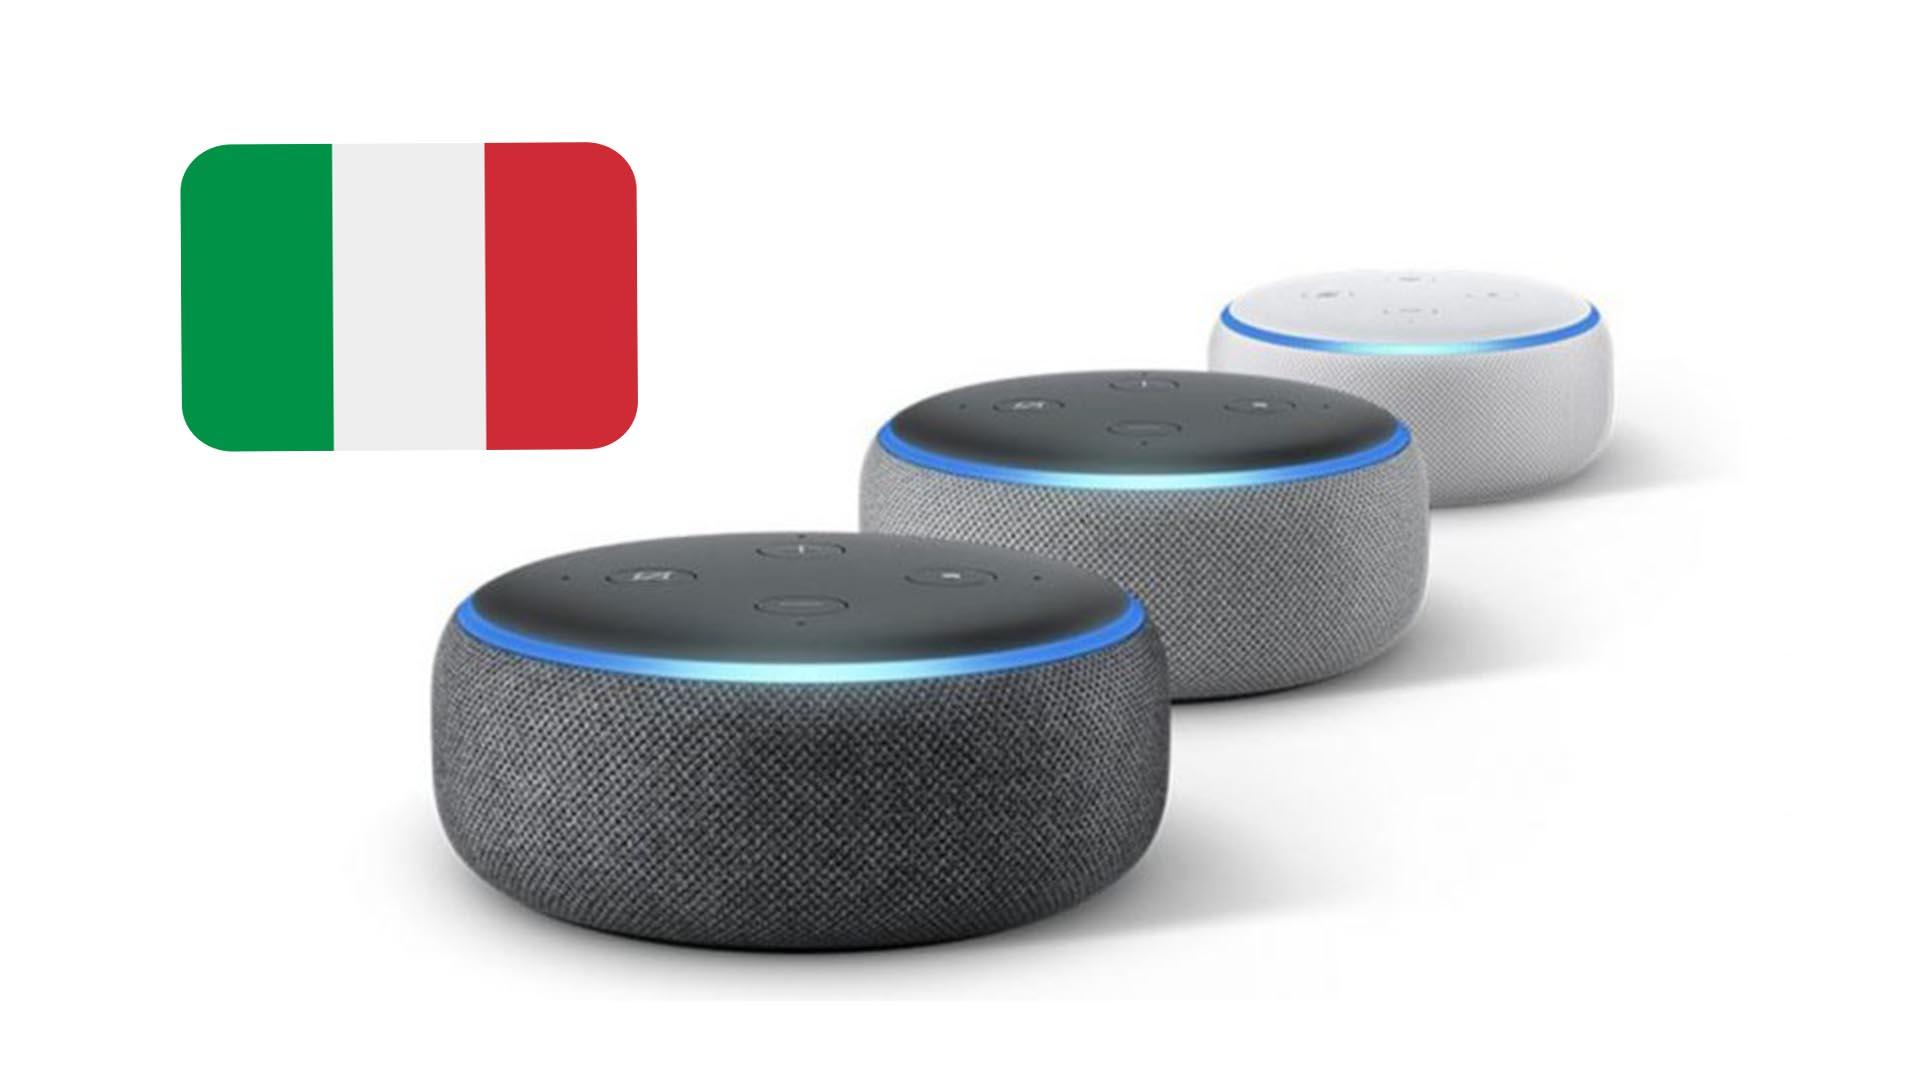 Amazon Alexa e Echo ufficiali in Italia: caratteristiche, disponibilità e prezzi thumbnail